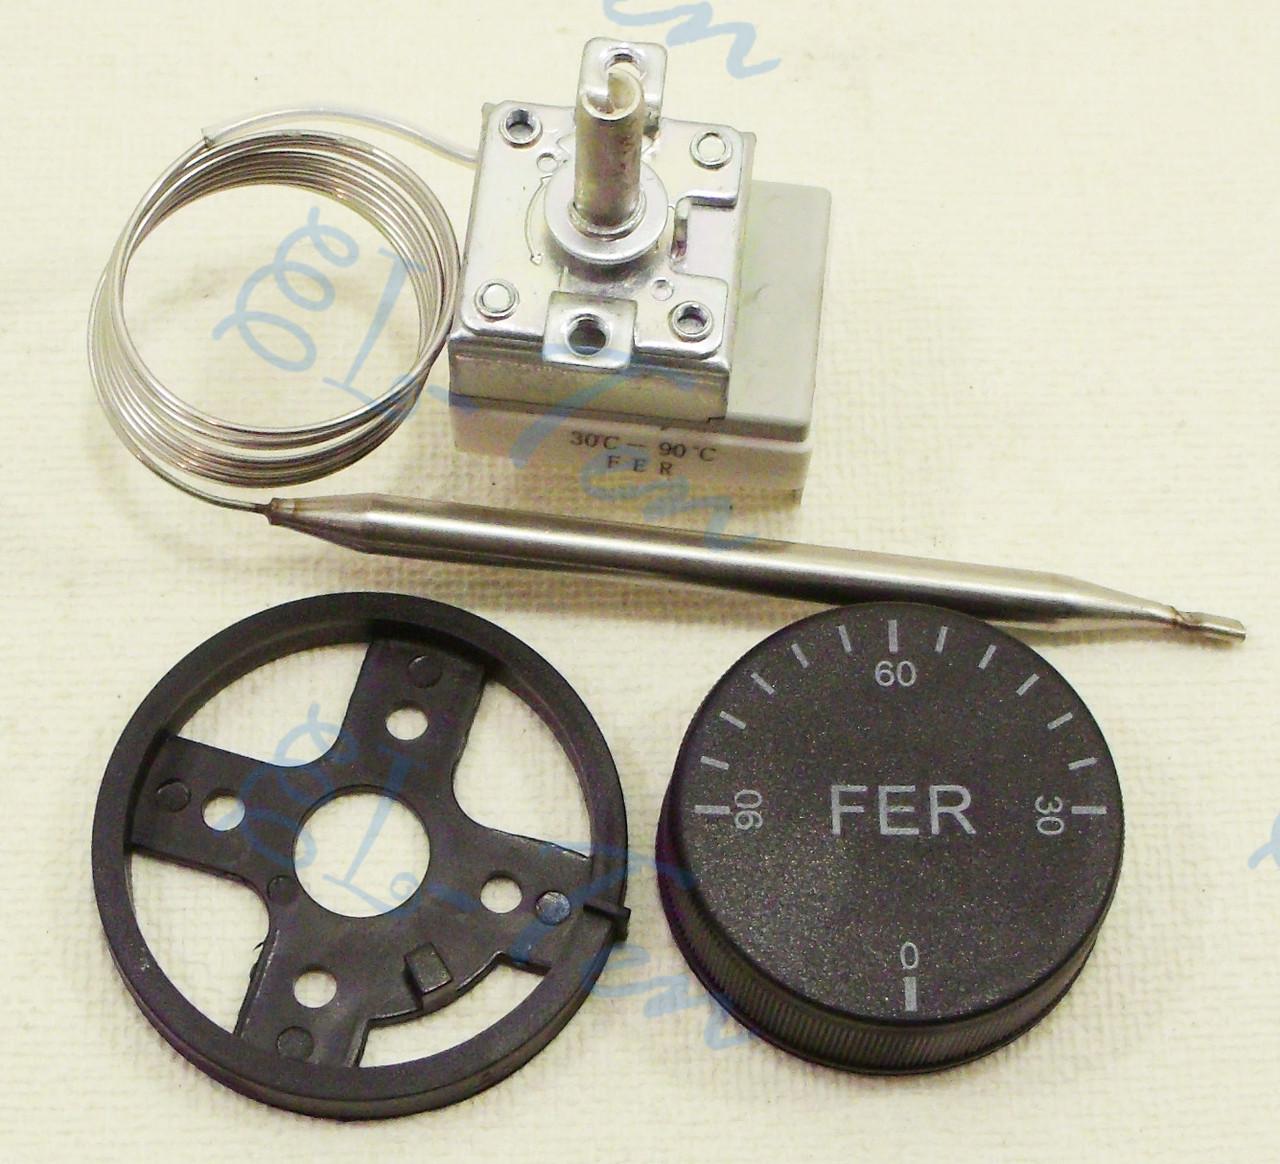 Терморегулятор механический от 30 до 90*С (16 А / 250 В) на 3 контакта. FER (Турция)